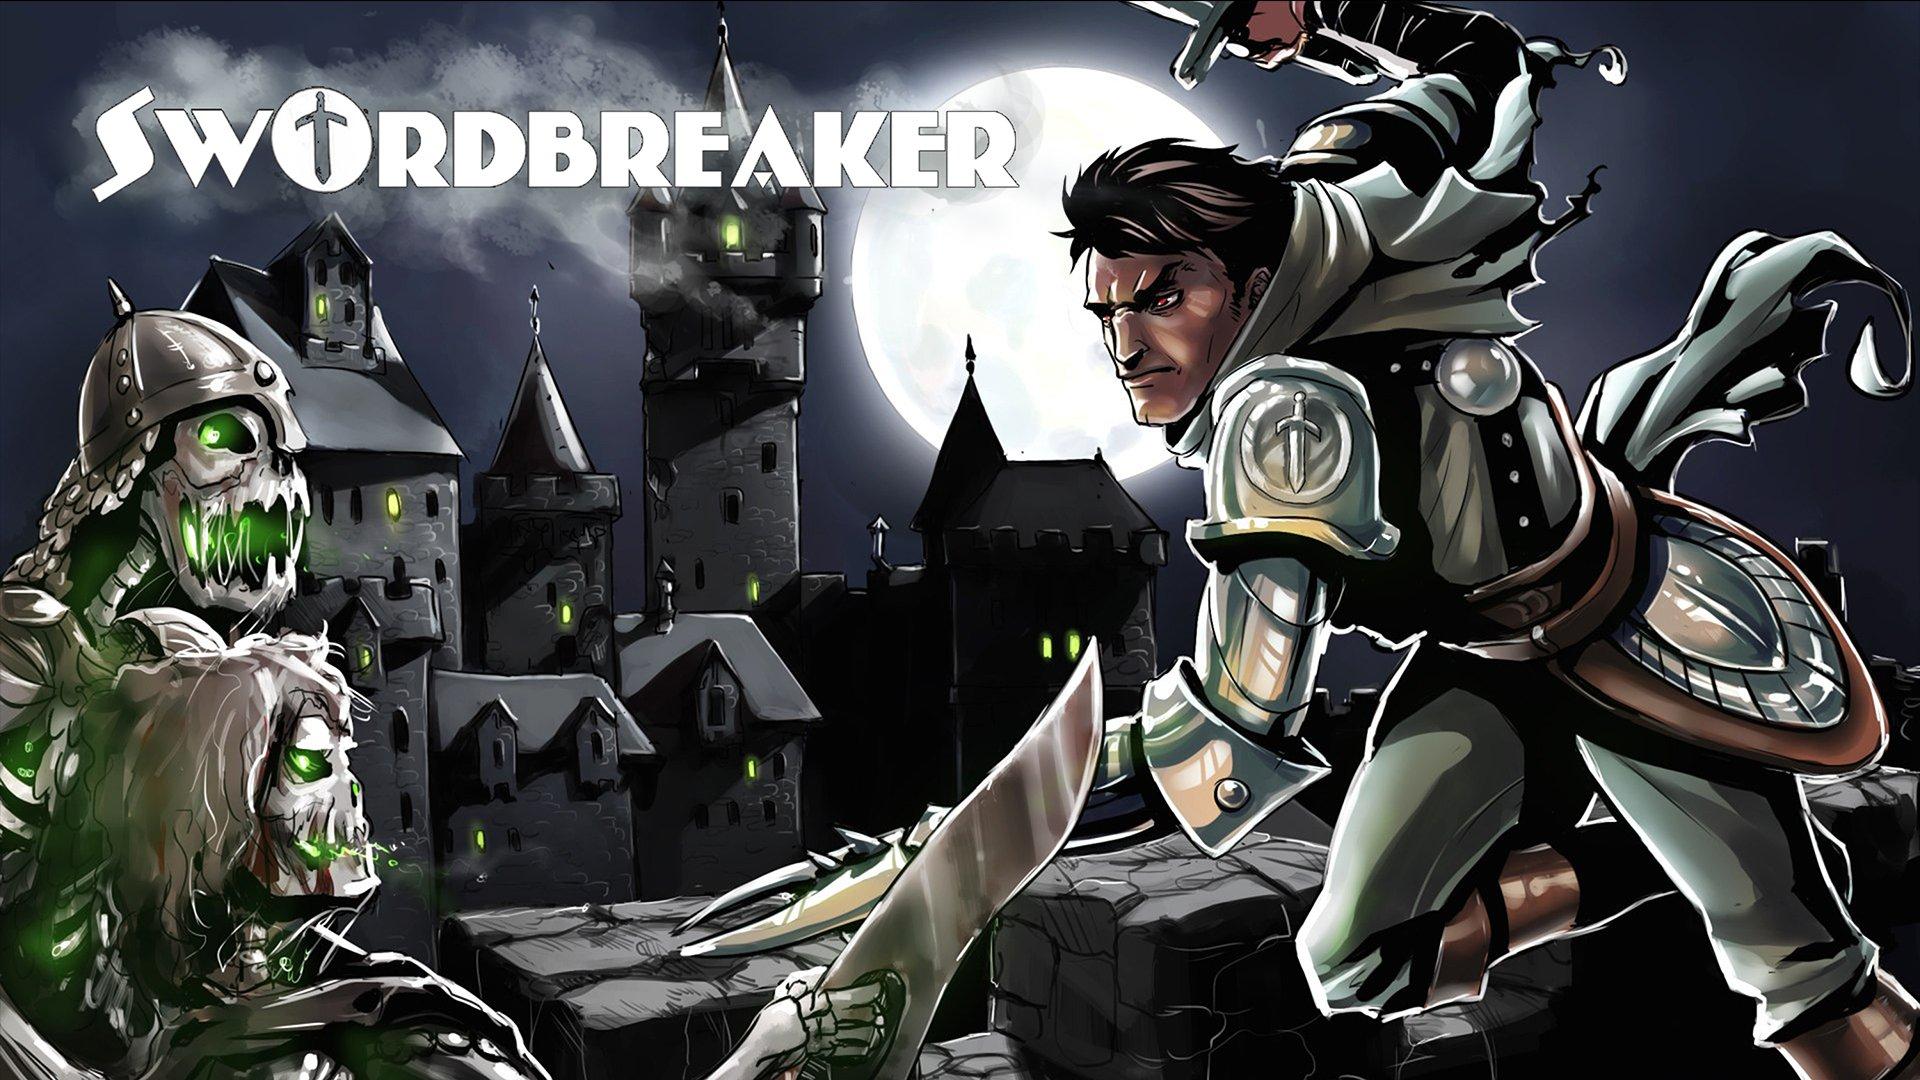 [Loufoque]   Donnez un nouveau titre aux LDVELH - Page 31 Swordbreaker-psvita